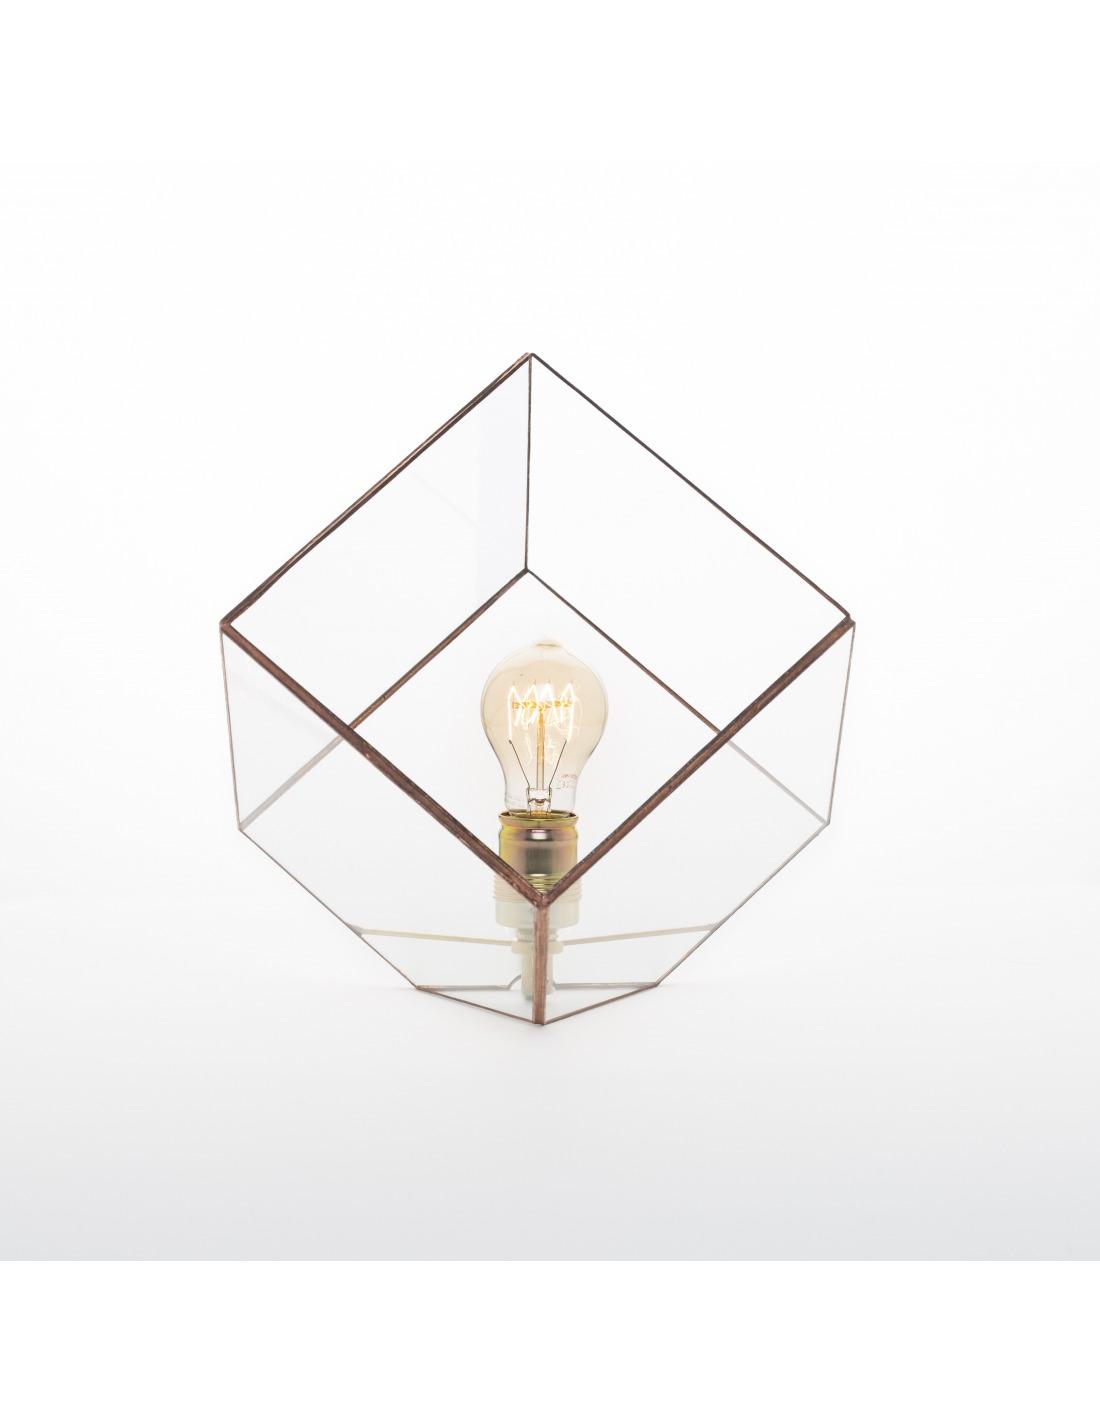 lampe poser g om trique grande liv au design minimaliste et vintage otoko. Black Bedroom Furniture Sets. Home Design Ideas